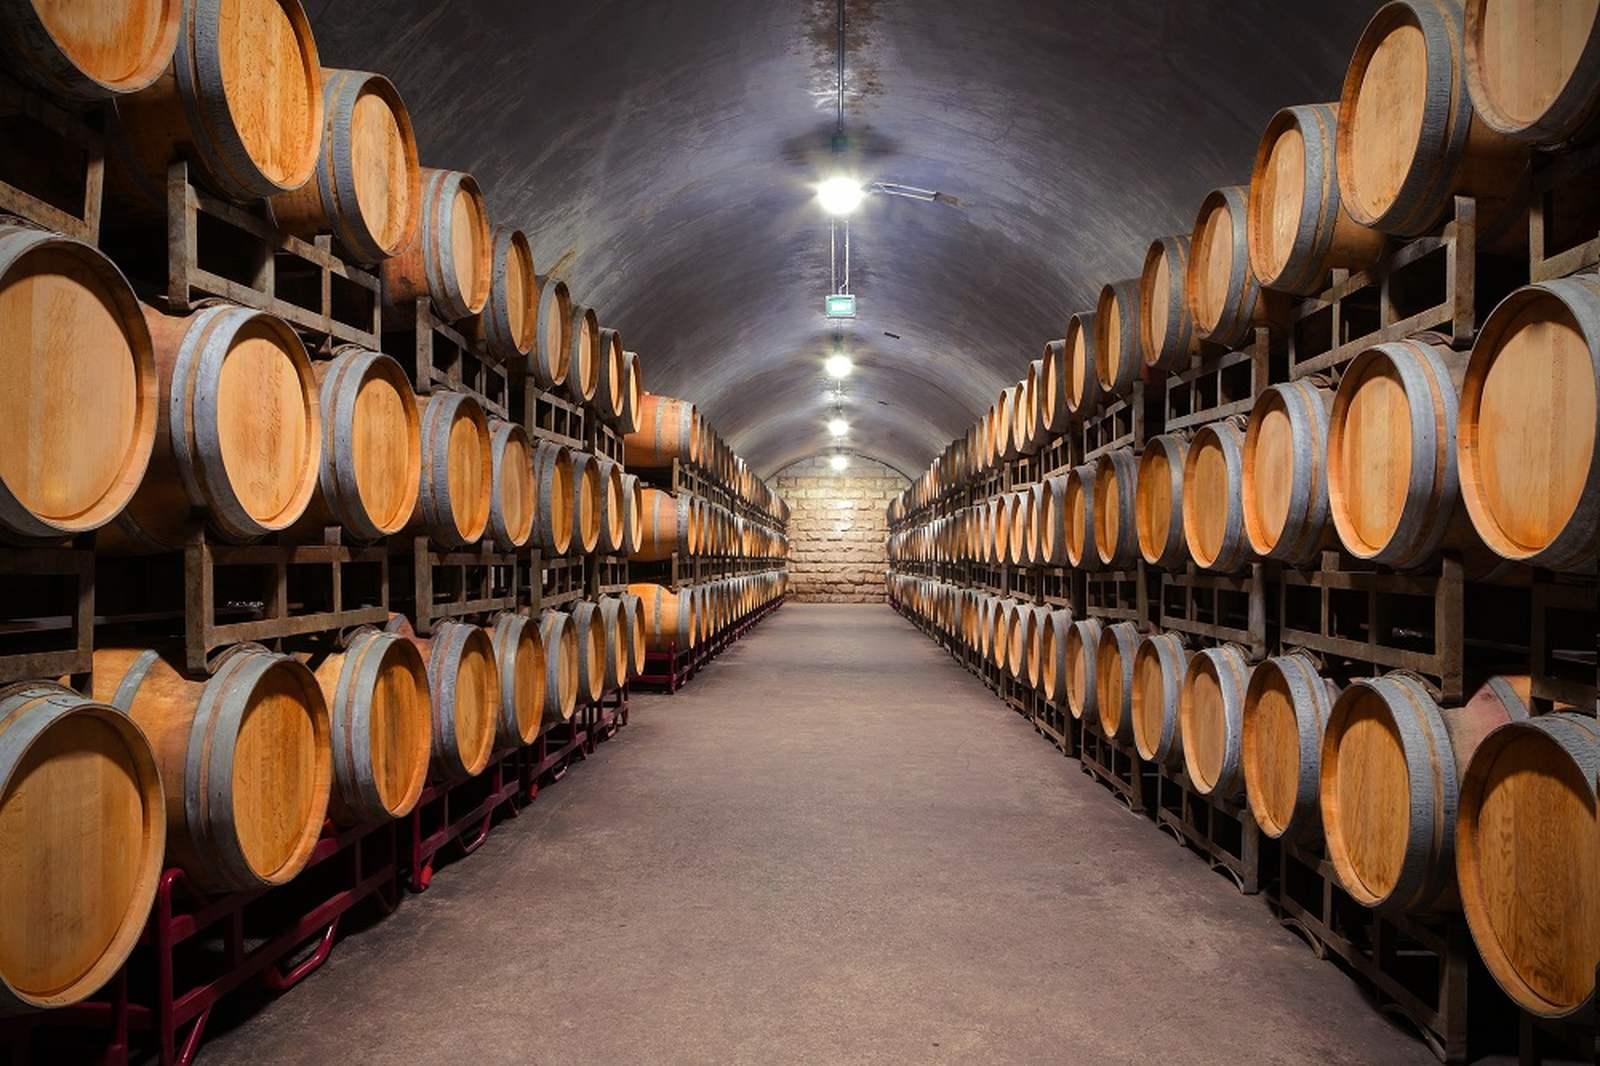 Nawilżanie powietrza w przemyśle winiarskim